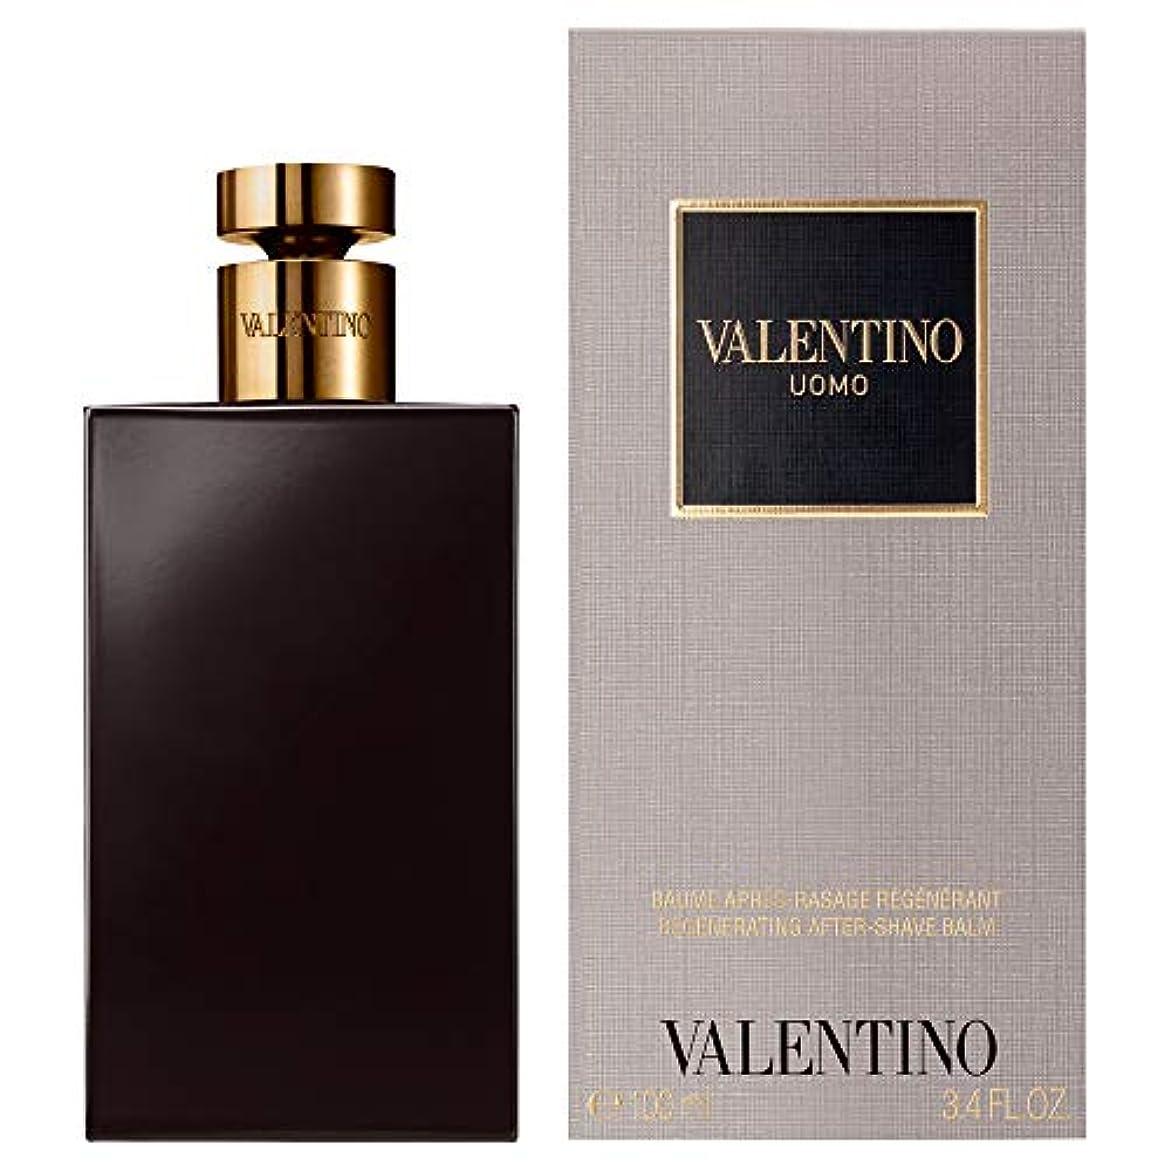 会計魅了する目指す[Valentino] バレンティーノ?ウォモとしてバーム100ミリリットル - Valentino Uomo AS Balm 100ml [並行輸入品]